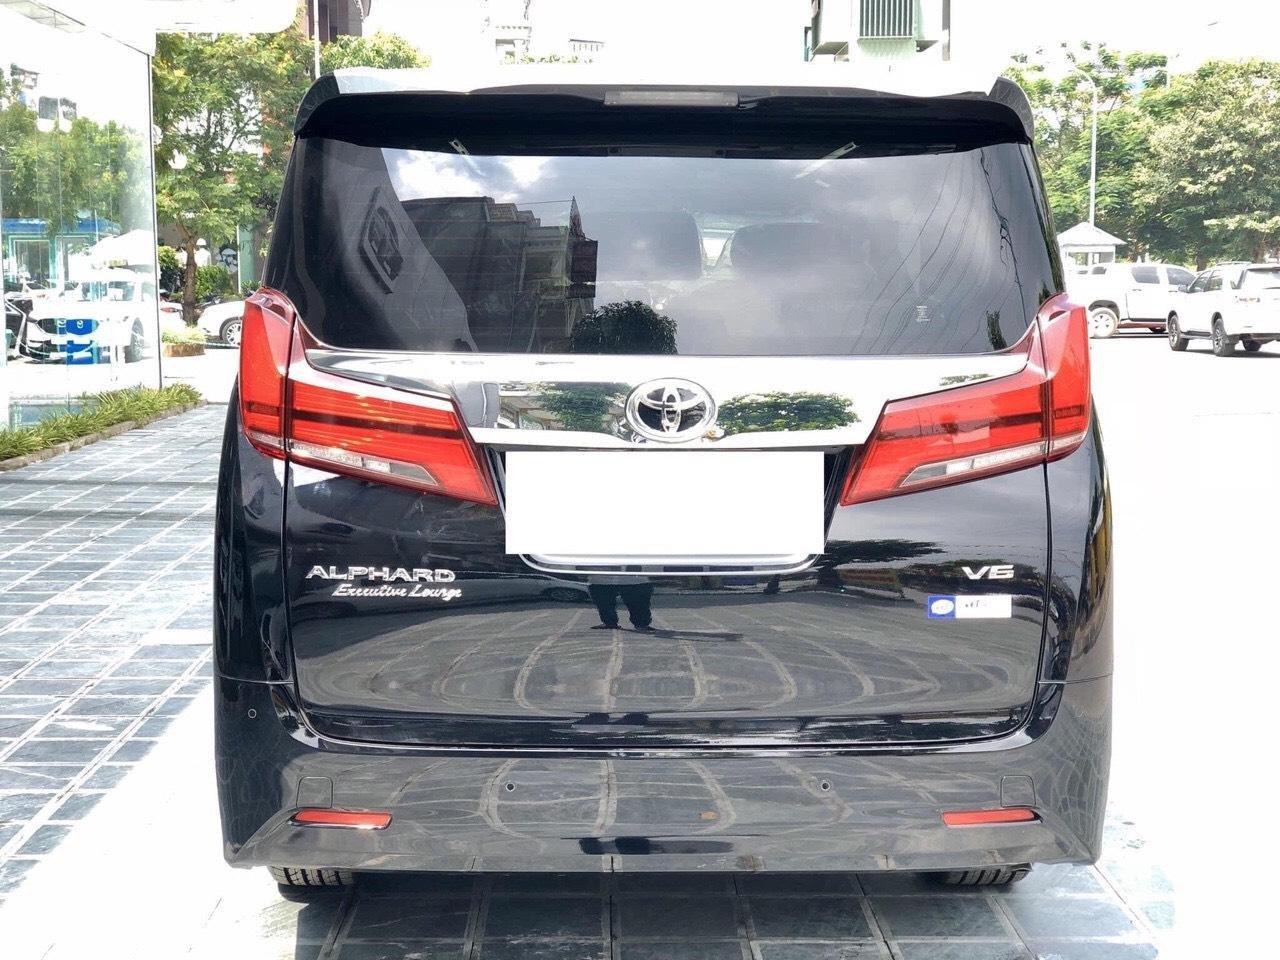 Toyota Alphard Limited 3.5 SX 2016 tên công ty XHĐ cao, xe cực đẹp (3)